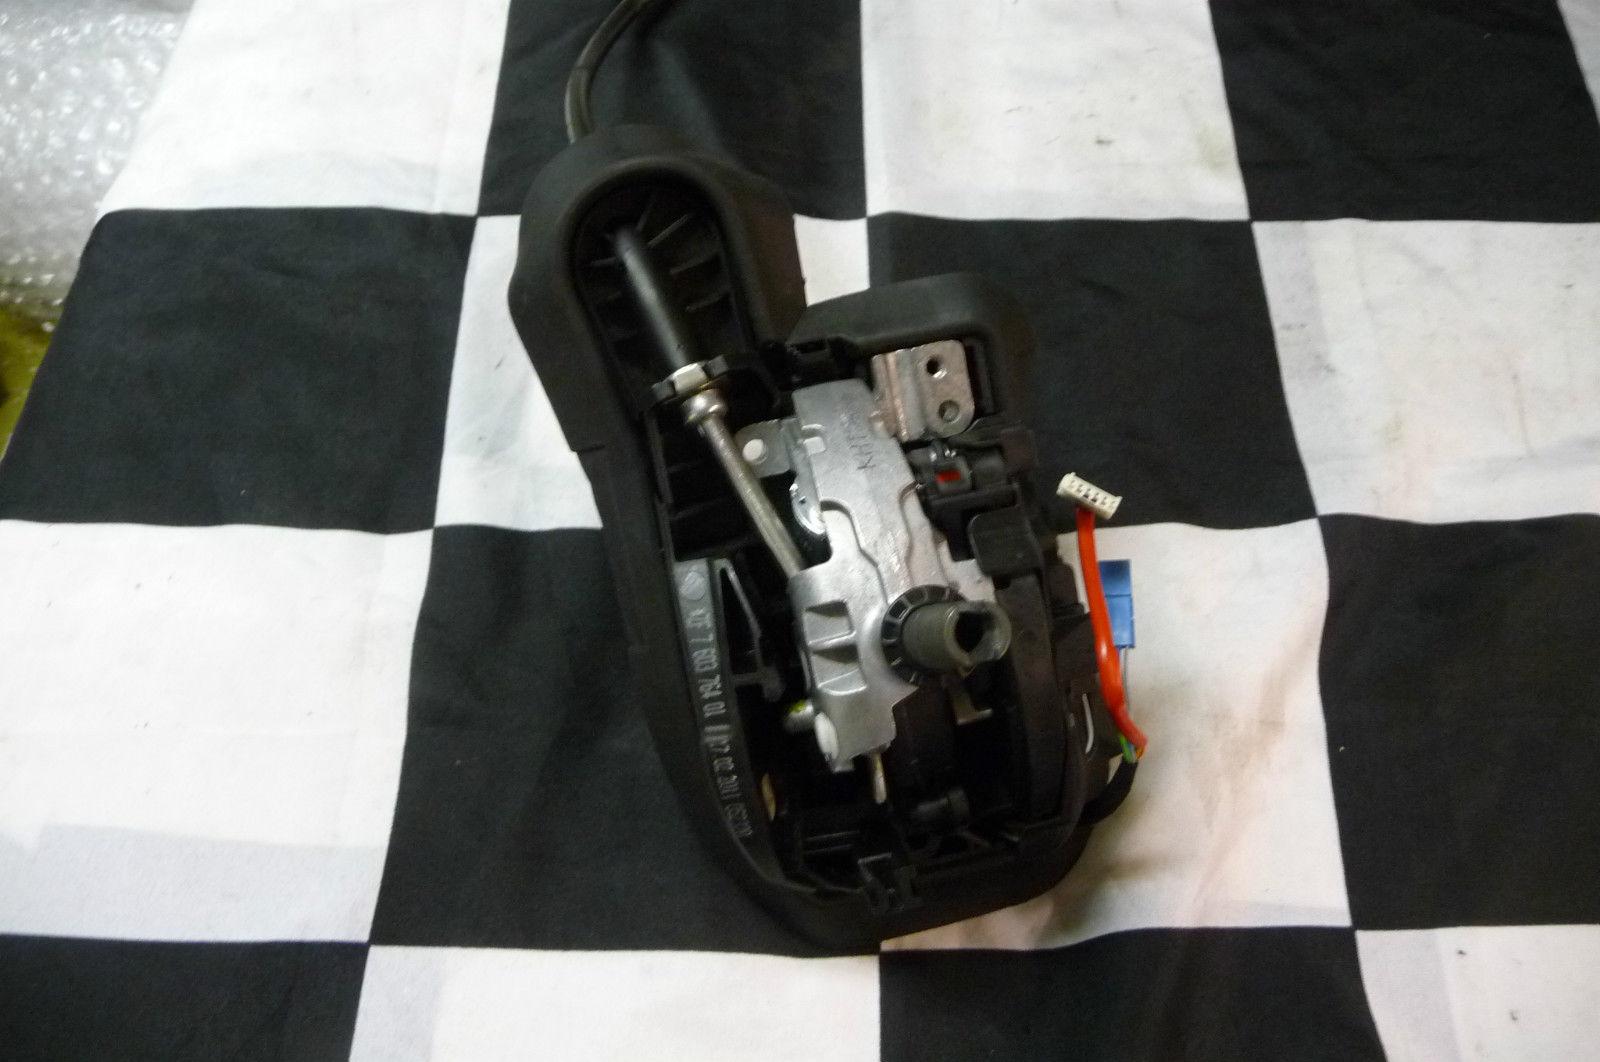 2009 2010 2011 2012 BMW E90 E91 E92 E93 328i Steptronic Gearshift Assy 25167603764 OEM OE